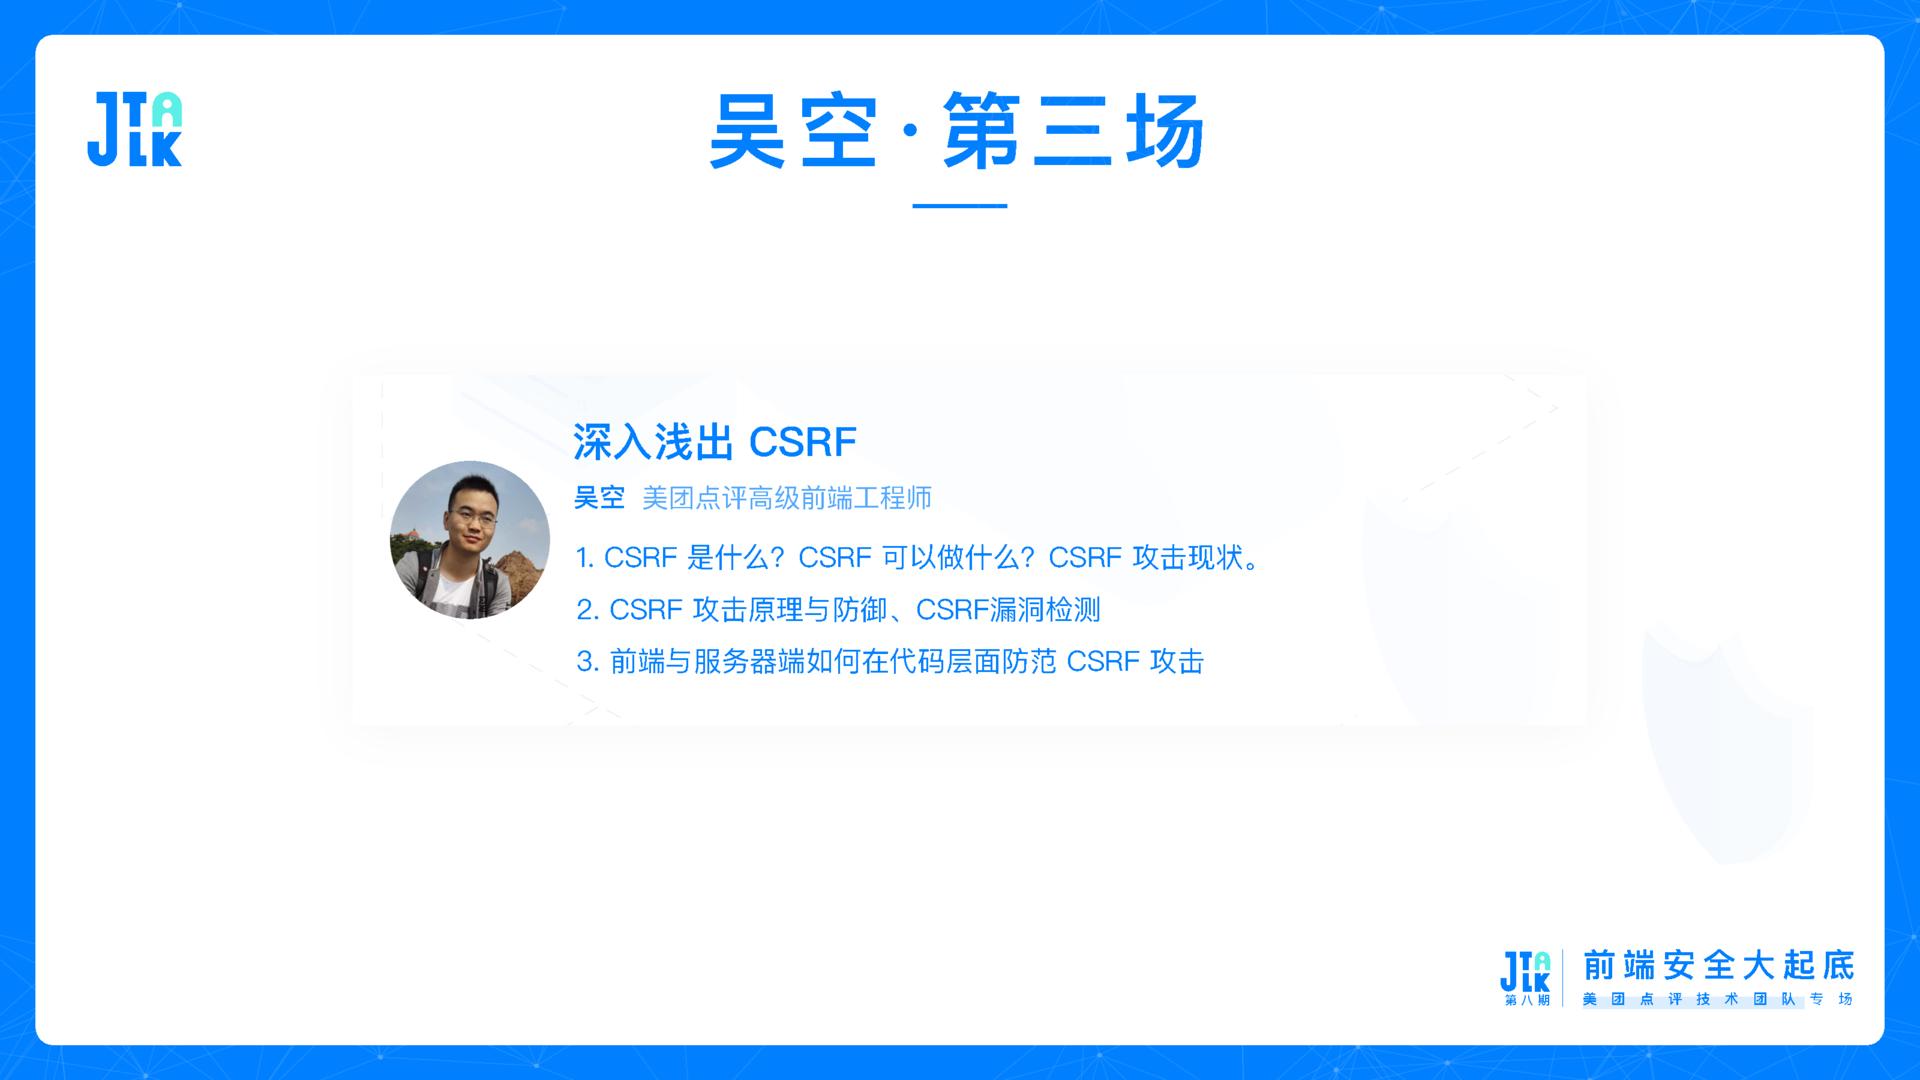 深入浅出CSRF - 吴空